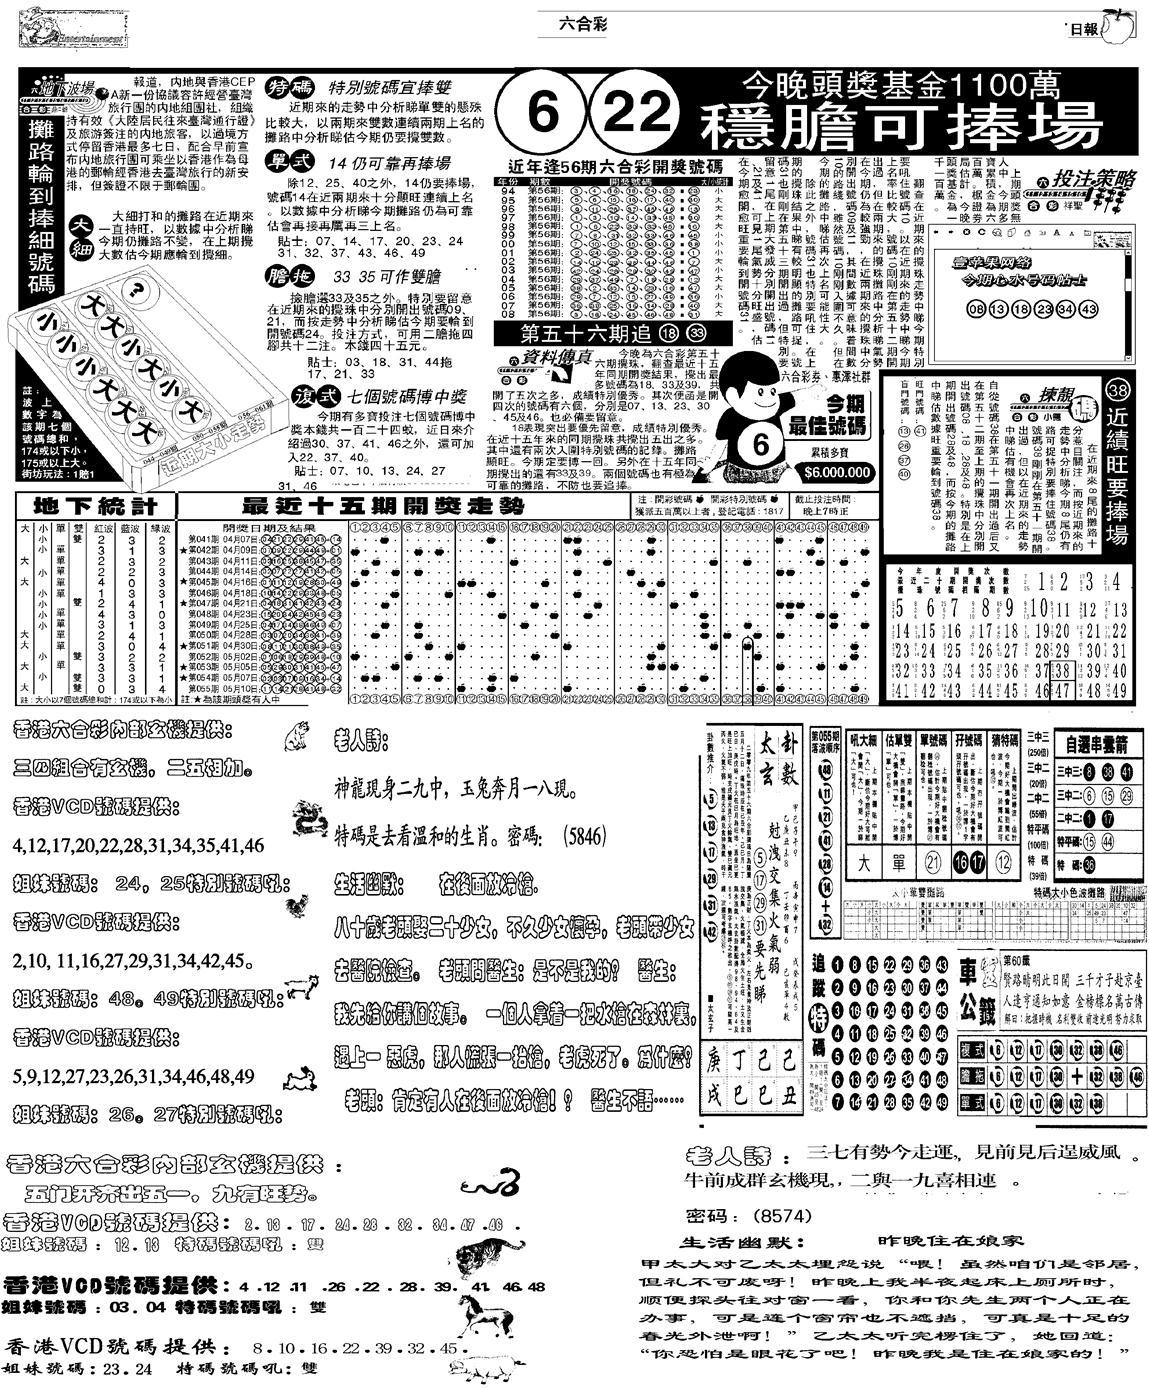 056期当日报-5(黑白)